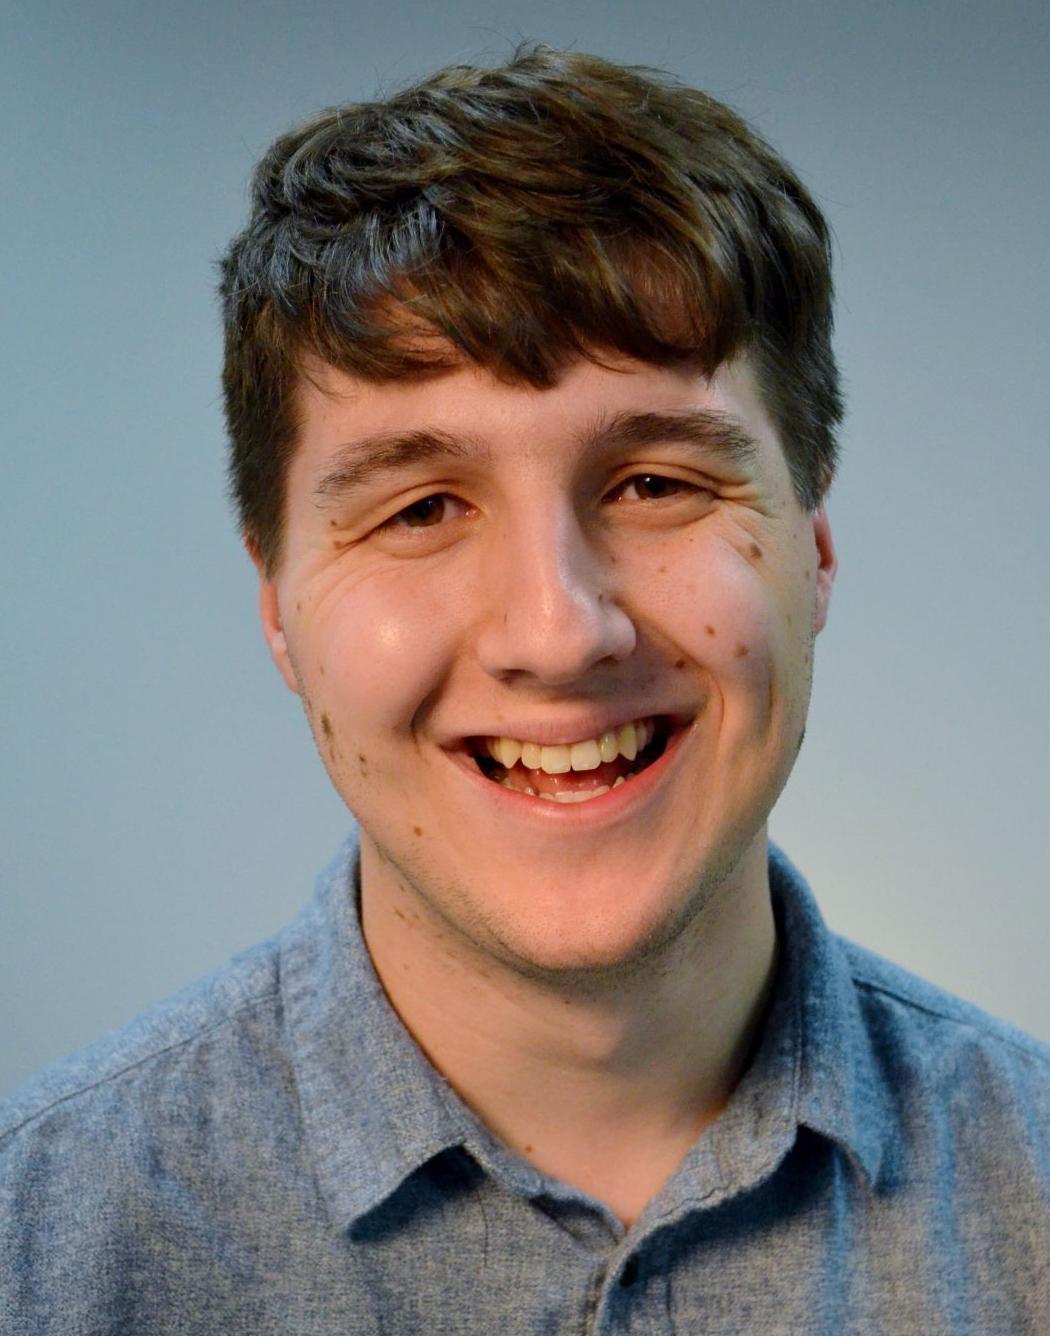 Adam Rogan headshot